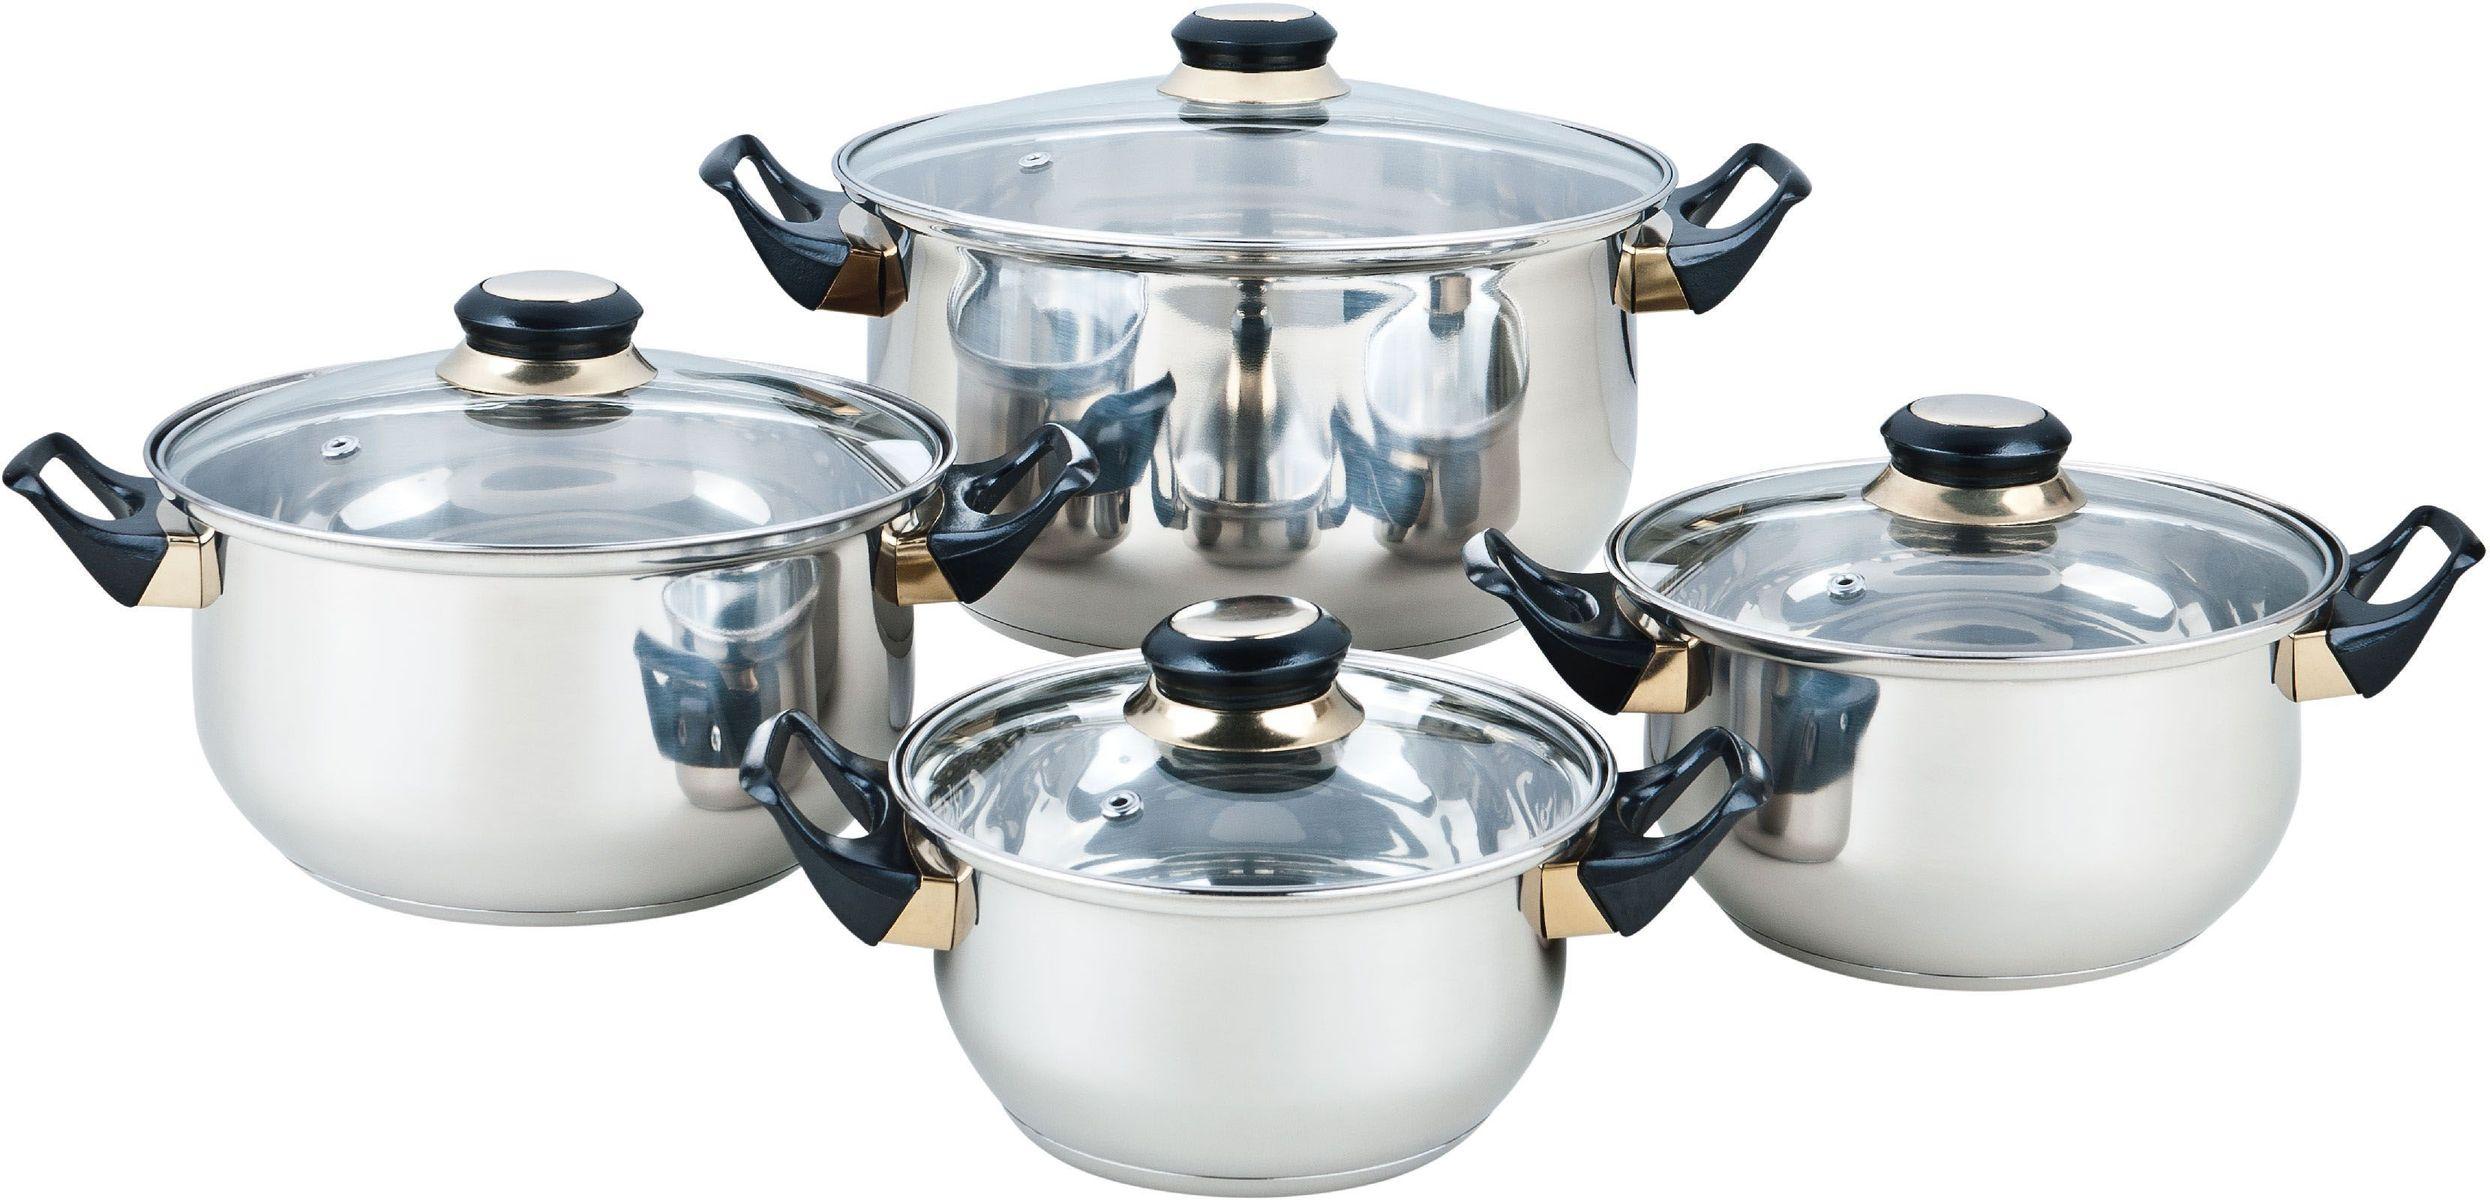 Набор посуды Bekker Classic, 8 предметов. BK-460268/5/2Набор Bekker Classic состоит из 4 кастрюль с крышками. Изделия изготовлены из высококачественной нержавеющей стали 18/10 с зеркальной полировкой. Посуда имеет капсулированное термическое дно - совершенно новая разработка, позволяющая приготавливать здоровую пищу. Благодаря уникальной конструкции дна, тепло, проходя через металл, равномерно распределяется по стенкам посуды. Для приготовления пищи в такой посуде требуется минимальное количество масла, тем самым уменьшается риск потери витаминов и минералов в процессе термообработки продуктов. Крышки выполнены из жаростойкого прозрачного стекла, оснащены ручкой, металлическим ободом и отверстием для выпуска пара. Такие крышки позволяют следить за процессом приготовления пищи без потери тепла. Они плотно прилегают к краю и сохраняют аромат блюд. Объем кастрюль: 1,5 л, 2,1 л, 3 л, 6 л.Внутренний диаметр кастрюль: 16 см, 18 см, 20 см, 24 см.